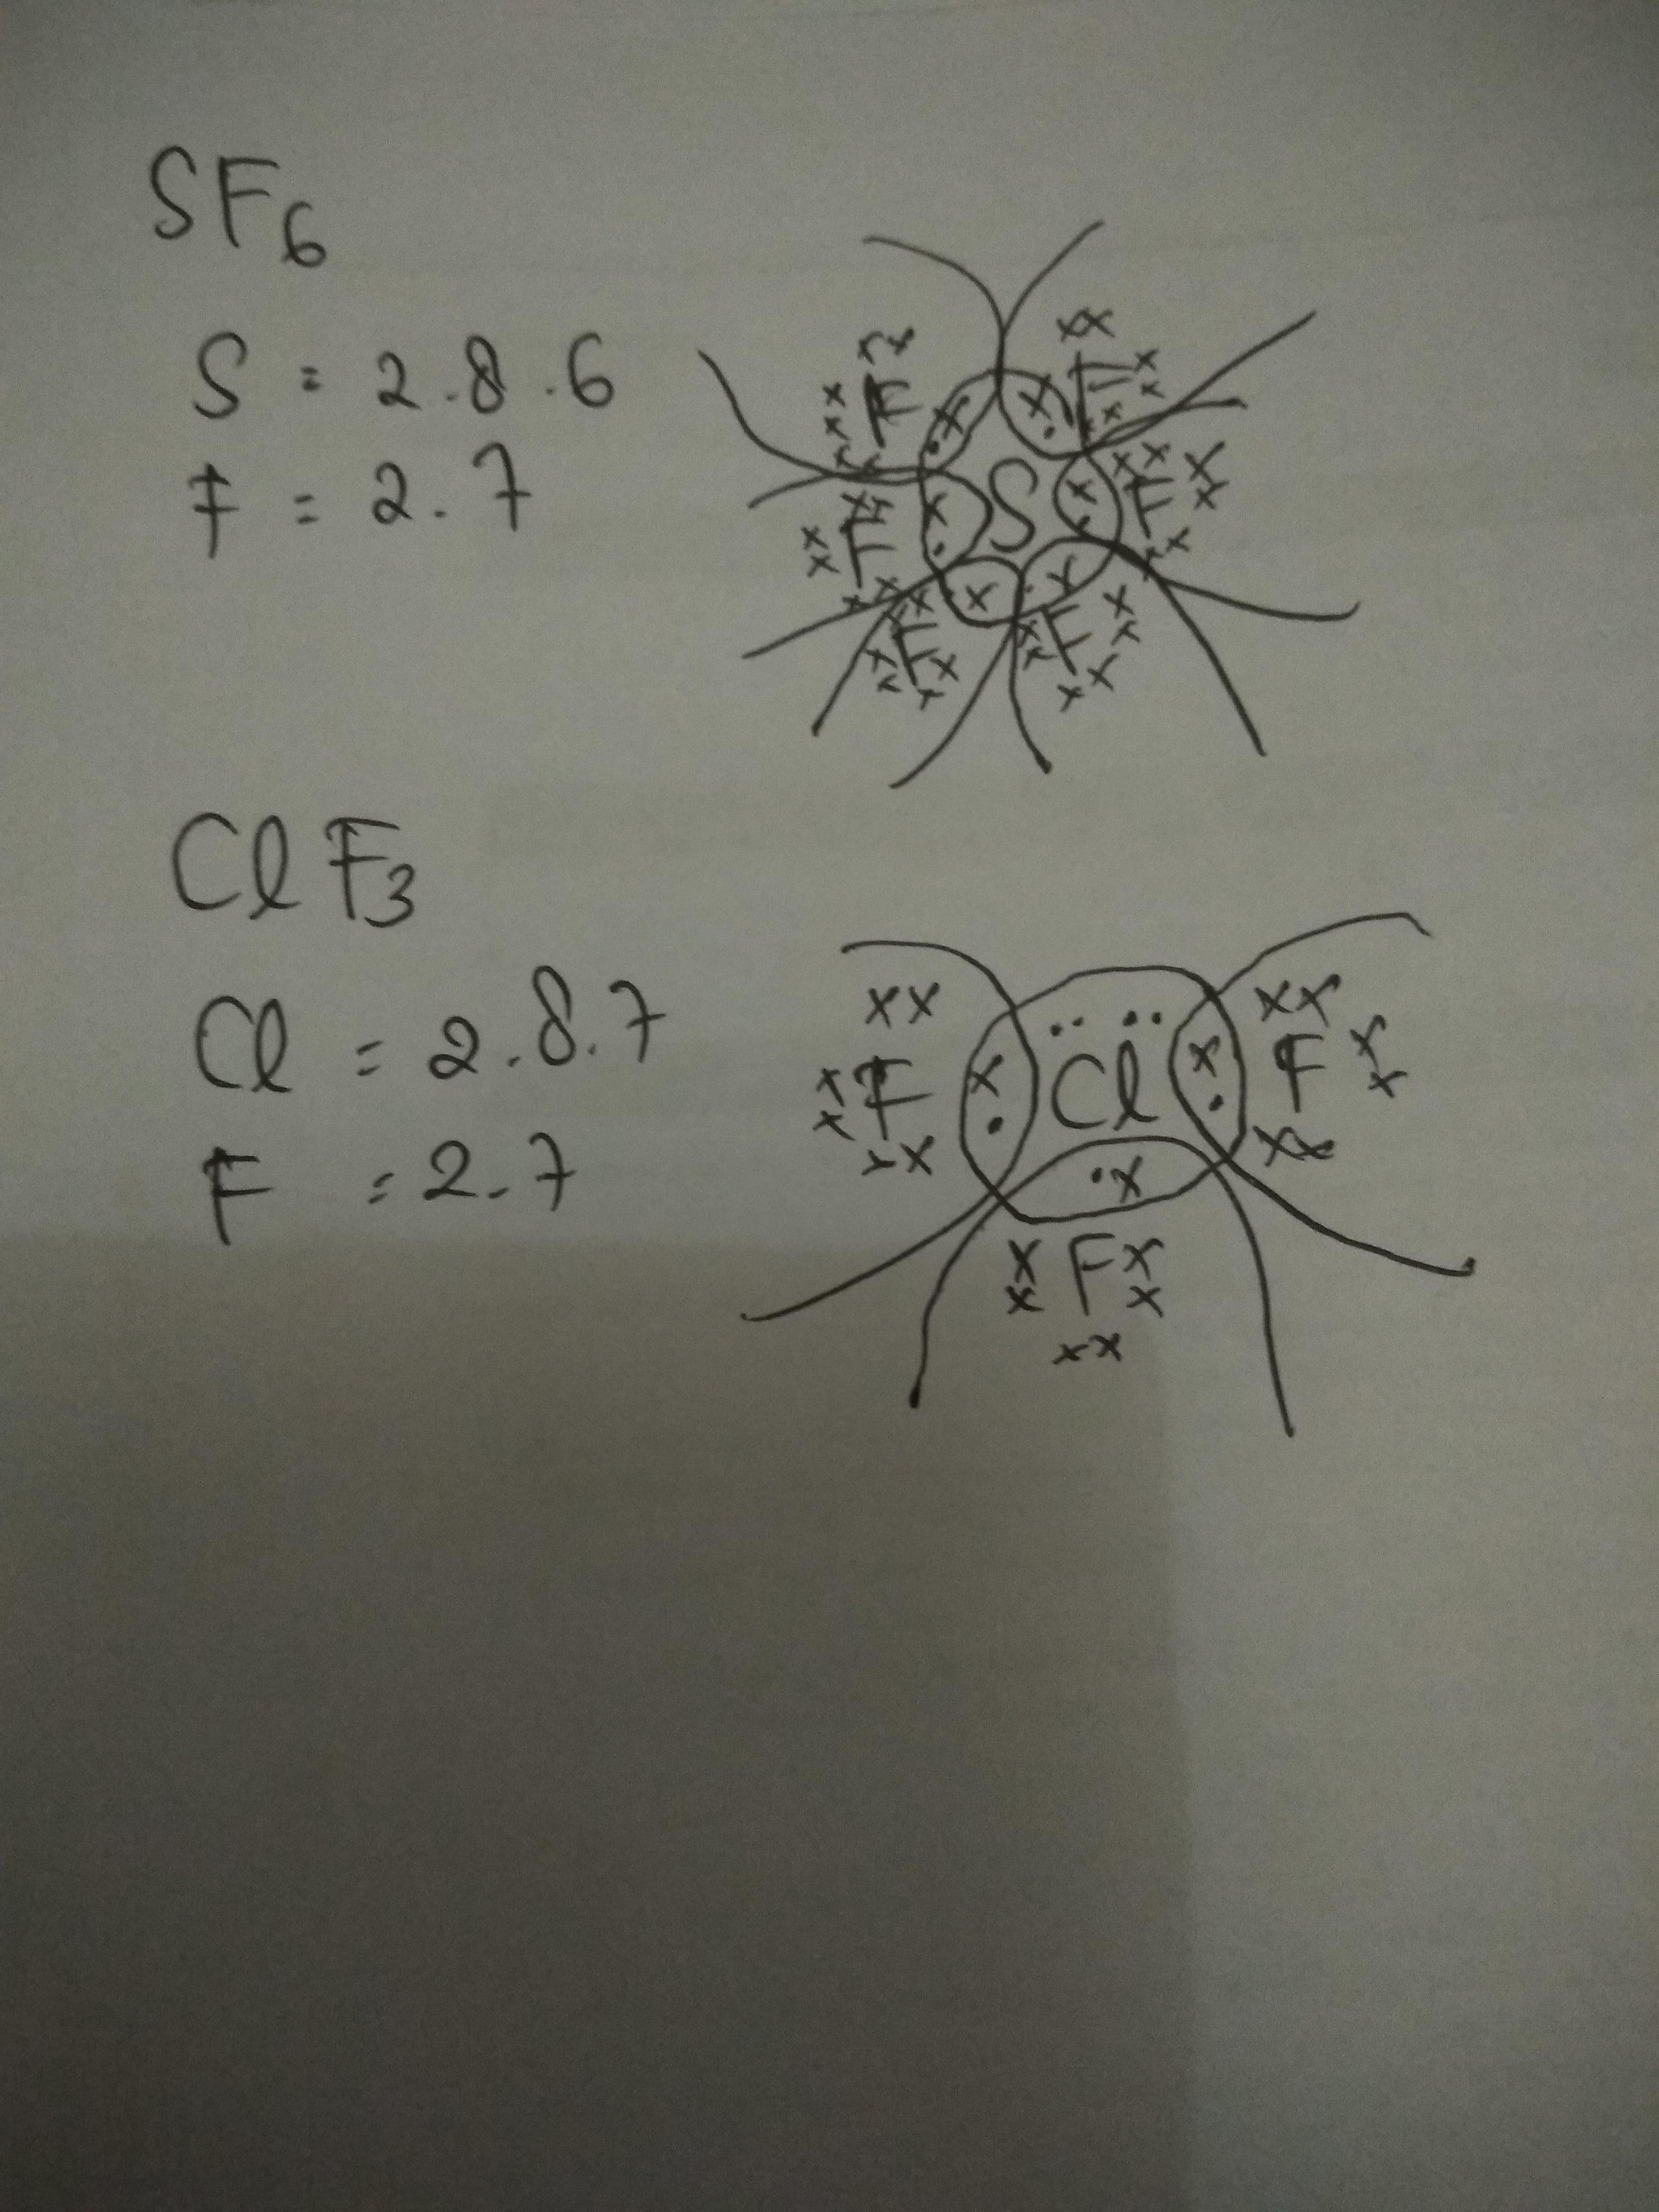 Gambarkan Struktur Lewis Dari Sf6 Dan Cif3 Brainly Co Id